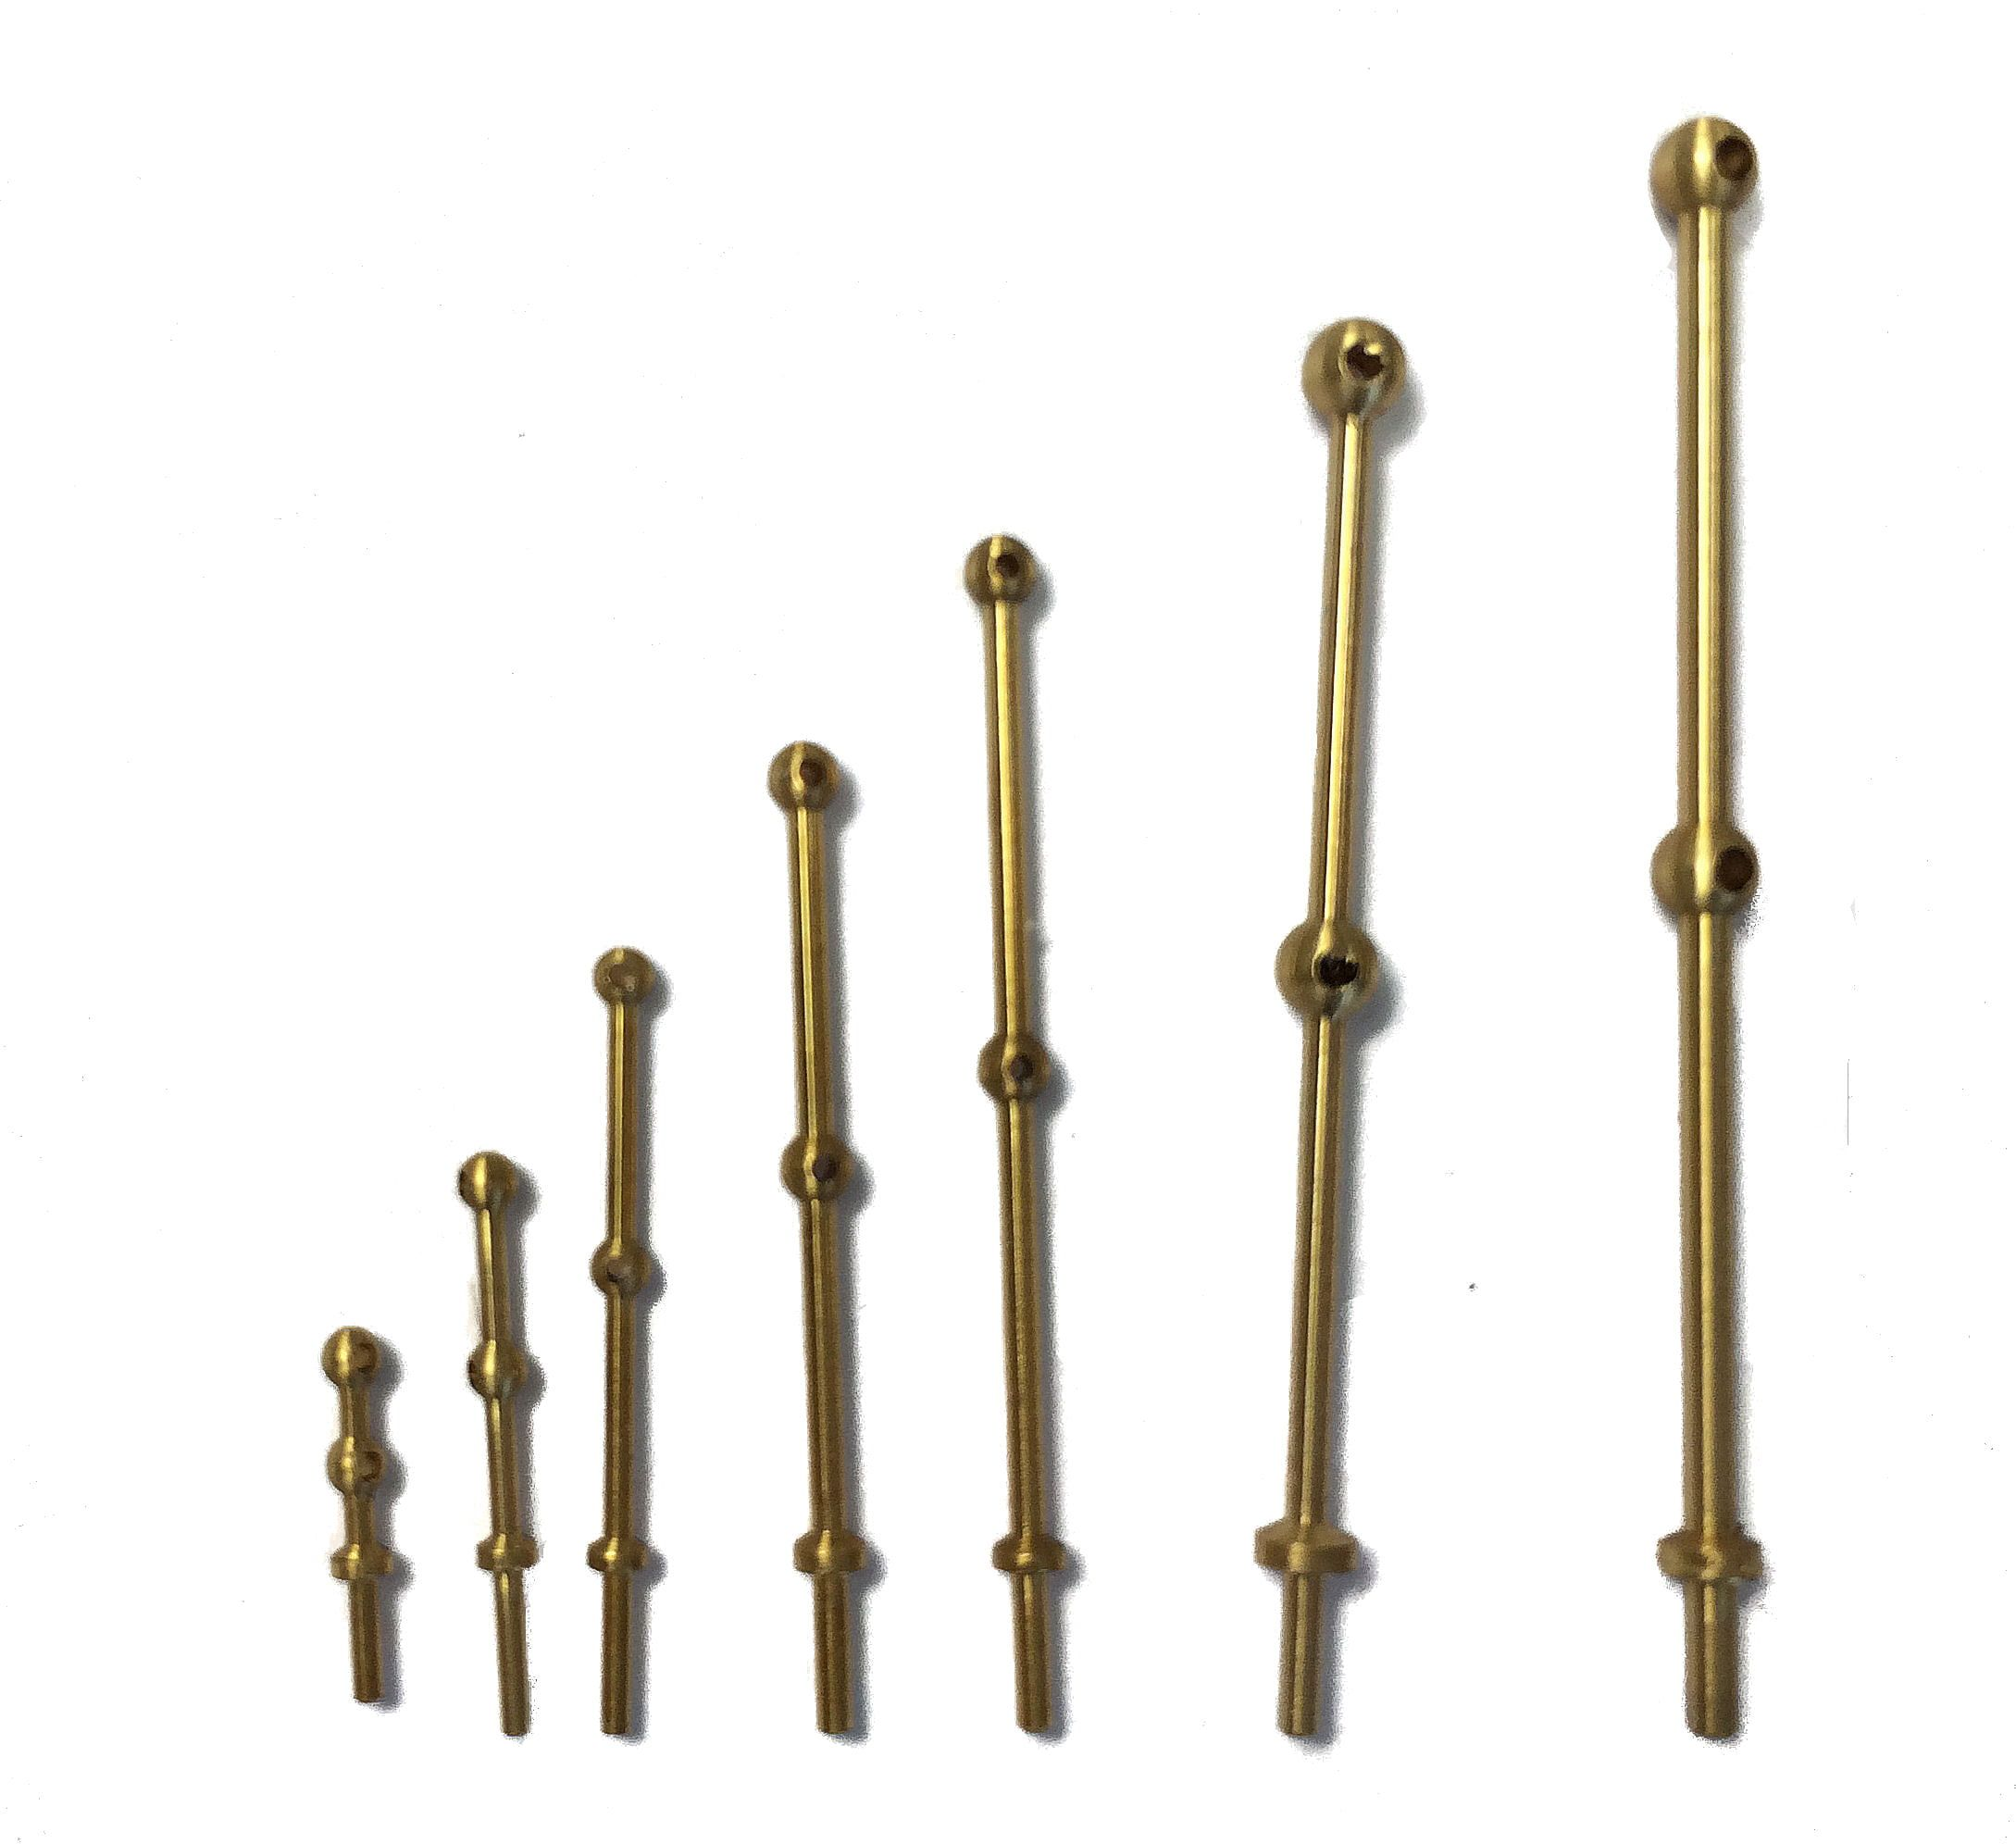 Caldercraft 2 Hole Brass Stanchions